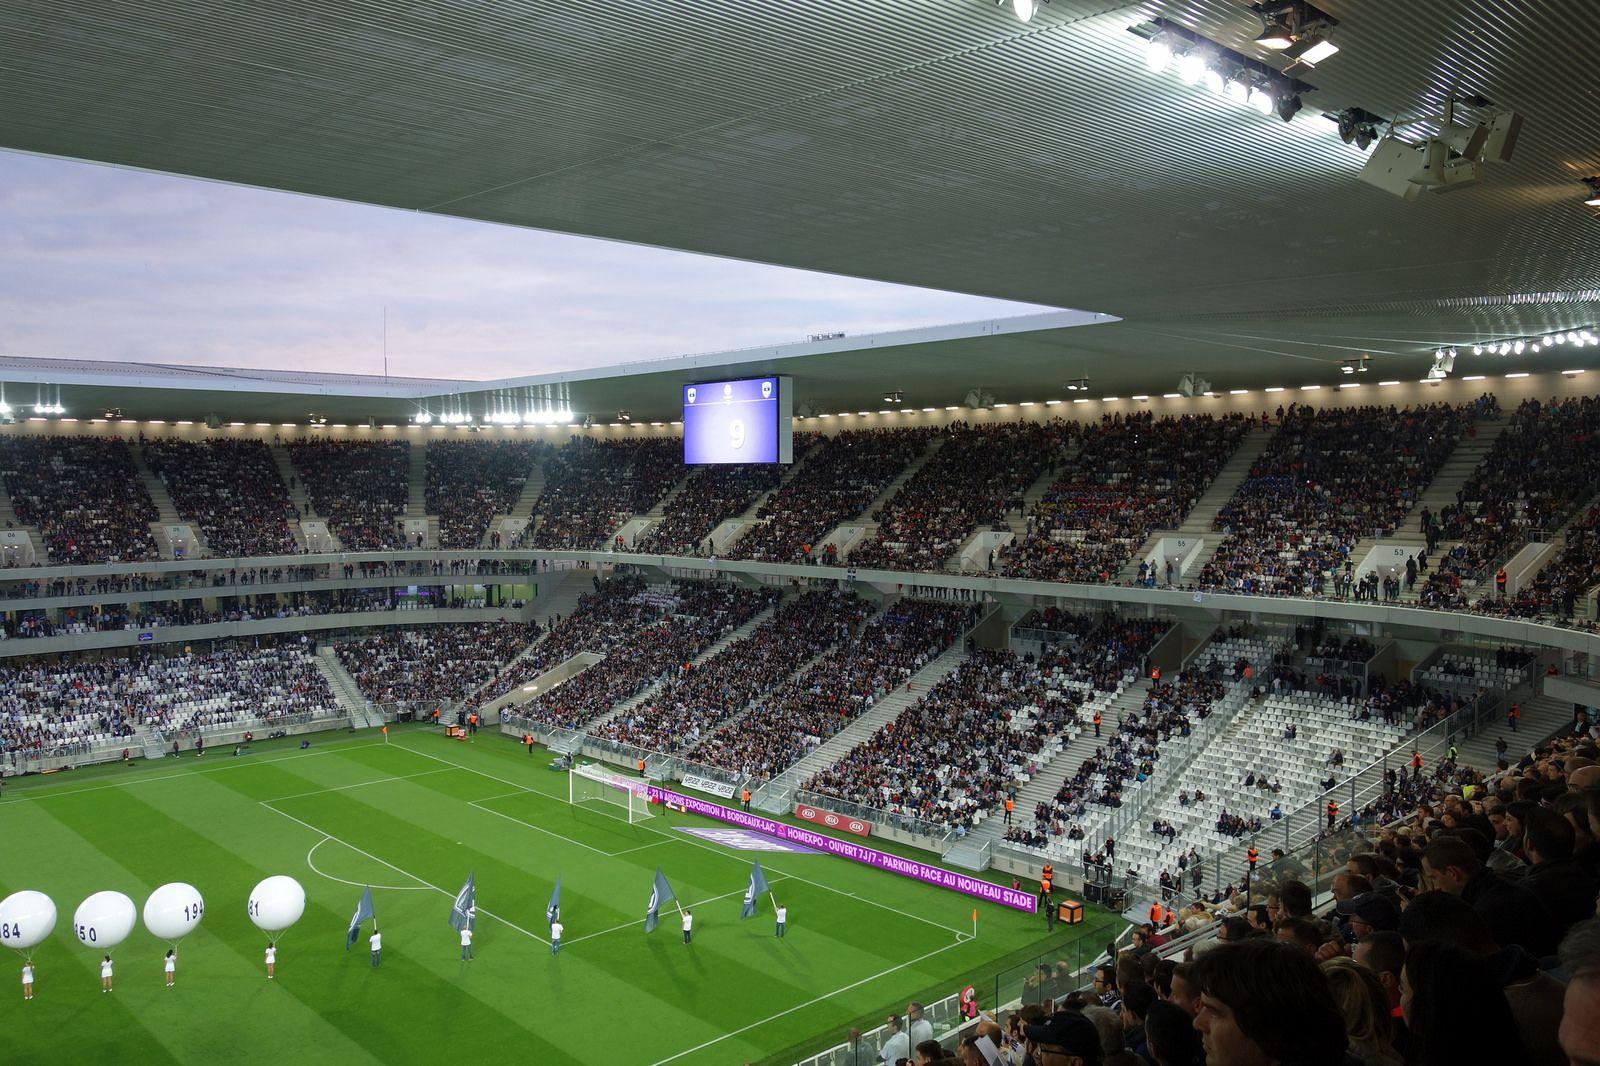 Stade Bordeaux